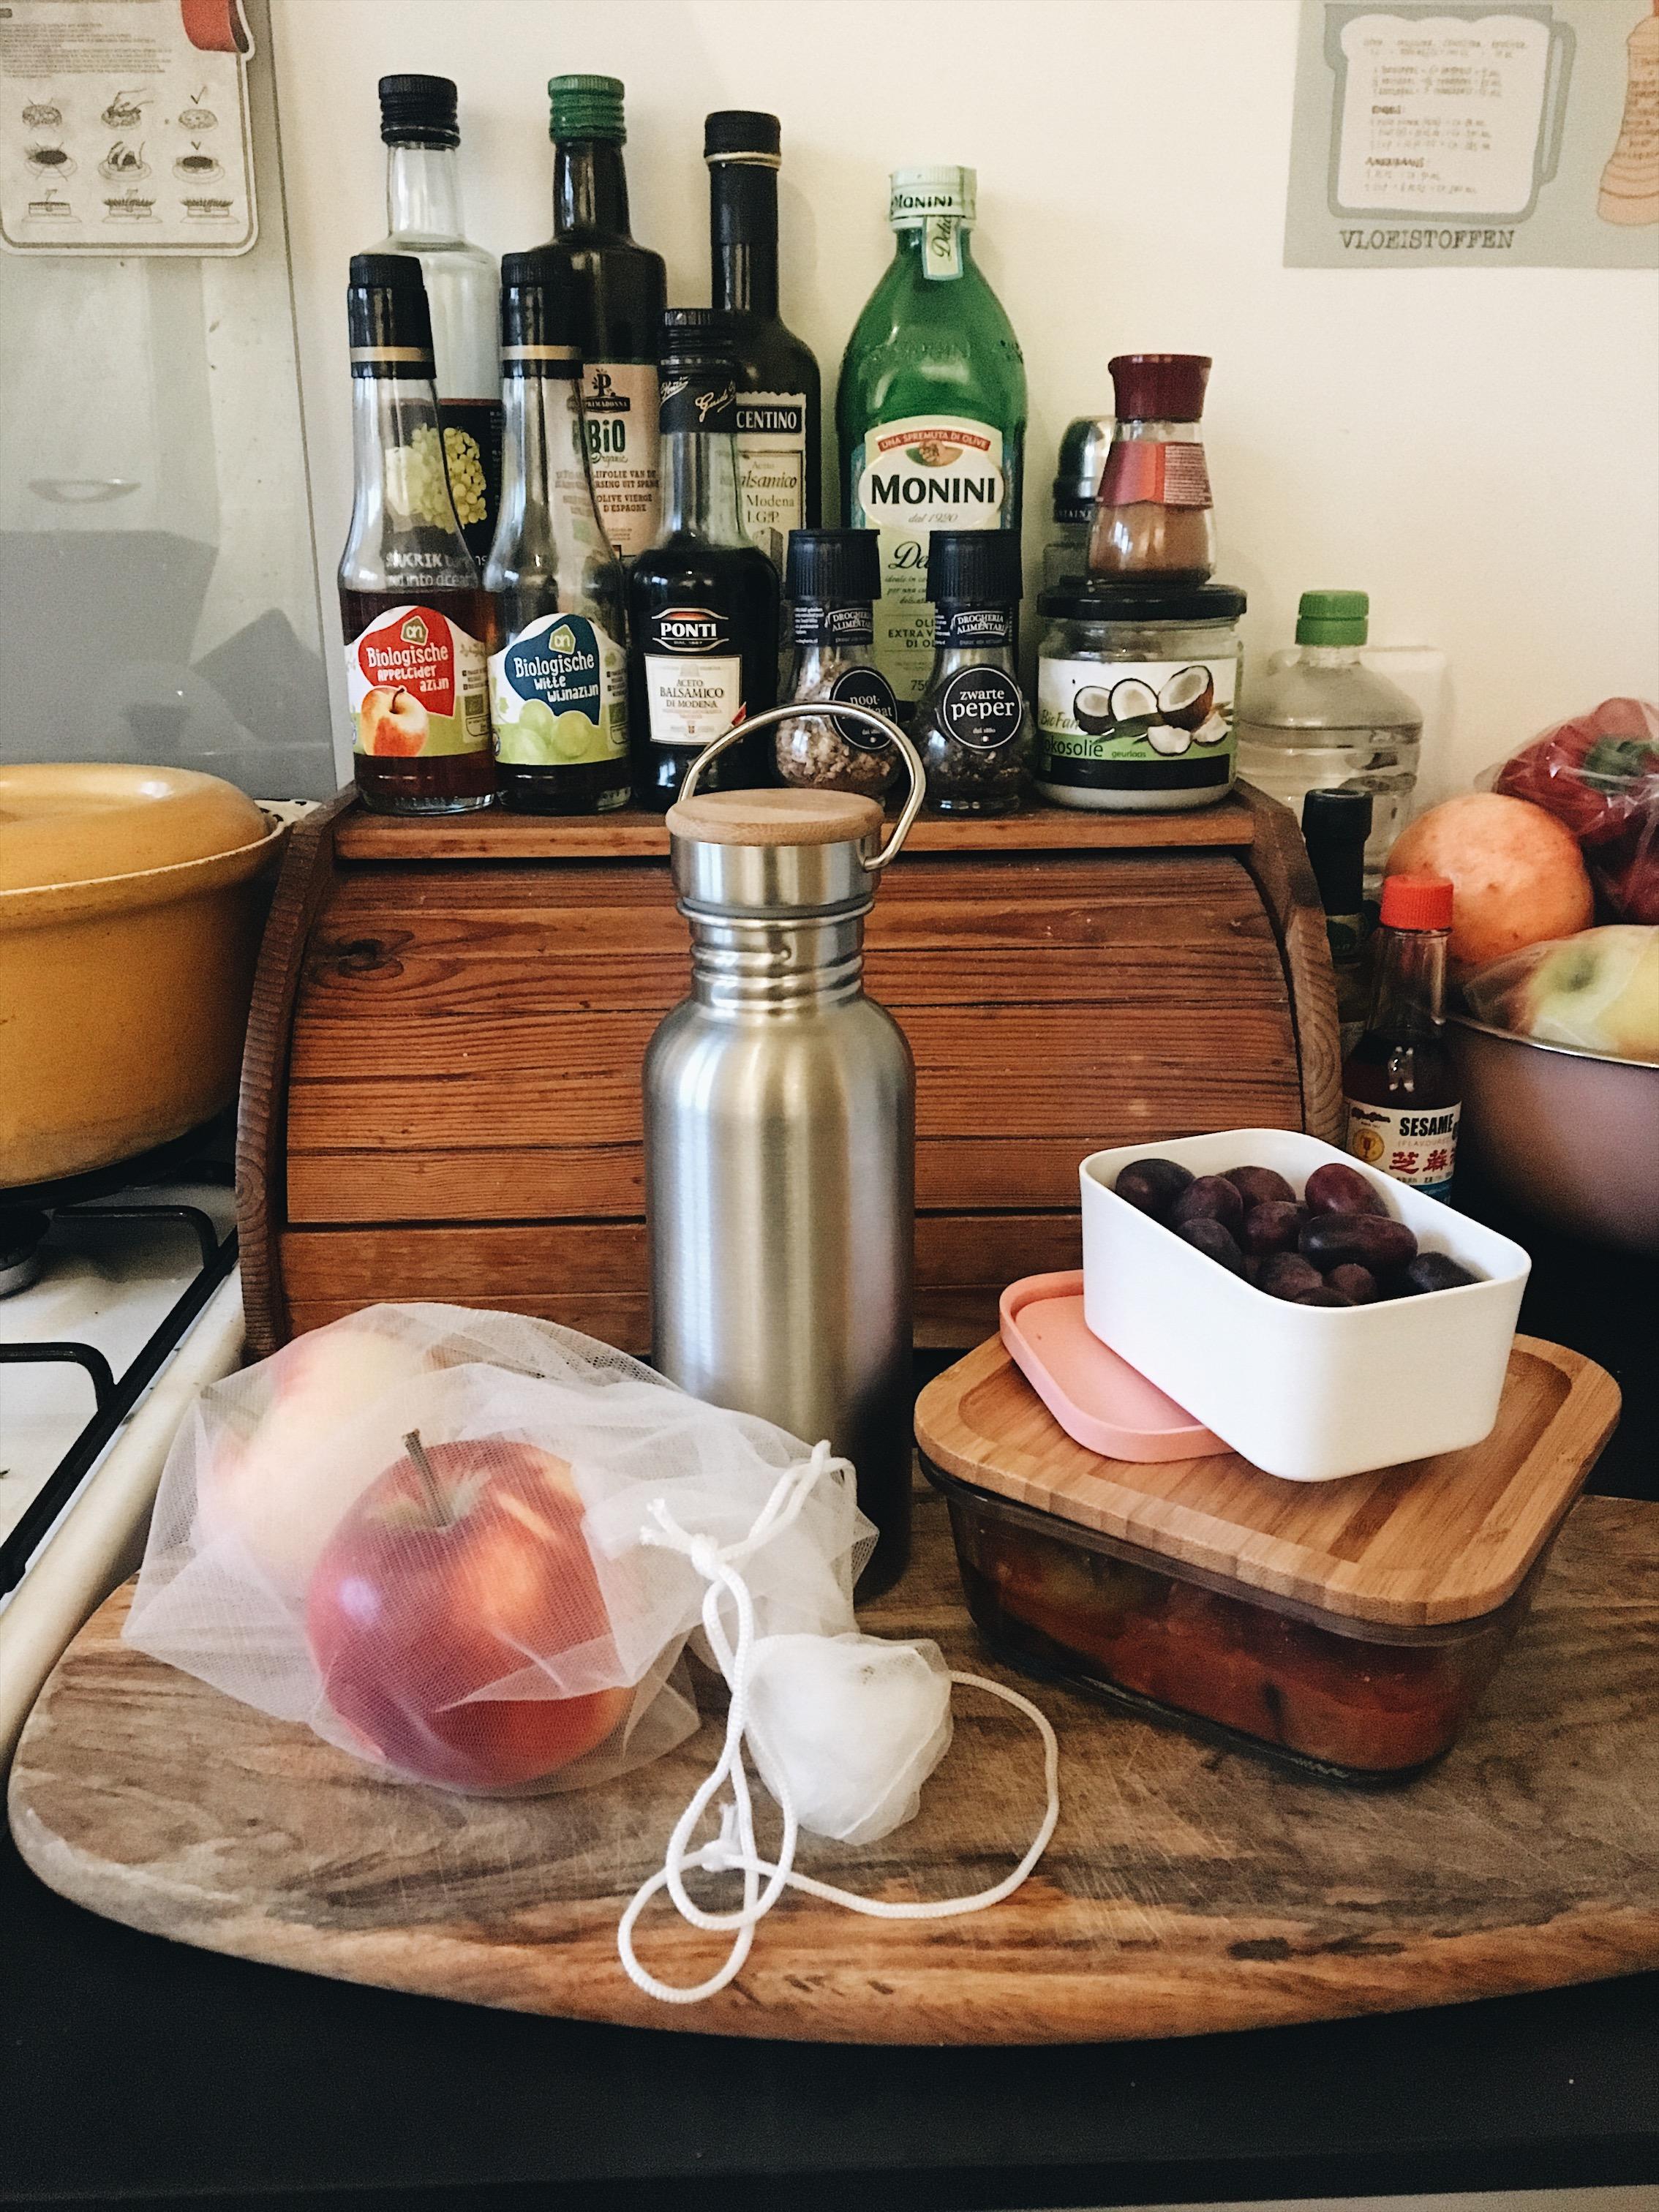 Herbruikbare netjes van Albert Heijn, glazen vershouddoosje van IKEA, drinkfles van Dille & Kamille en een fruitbakje van Mepal.